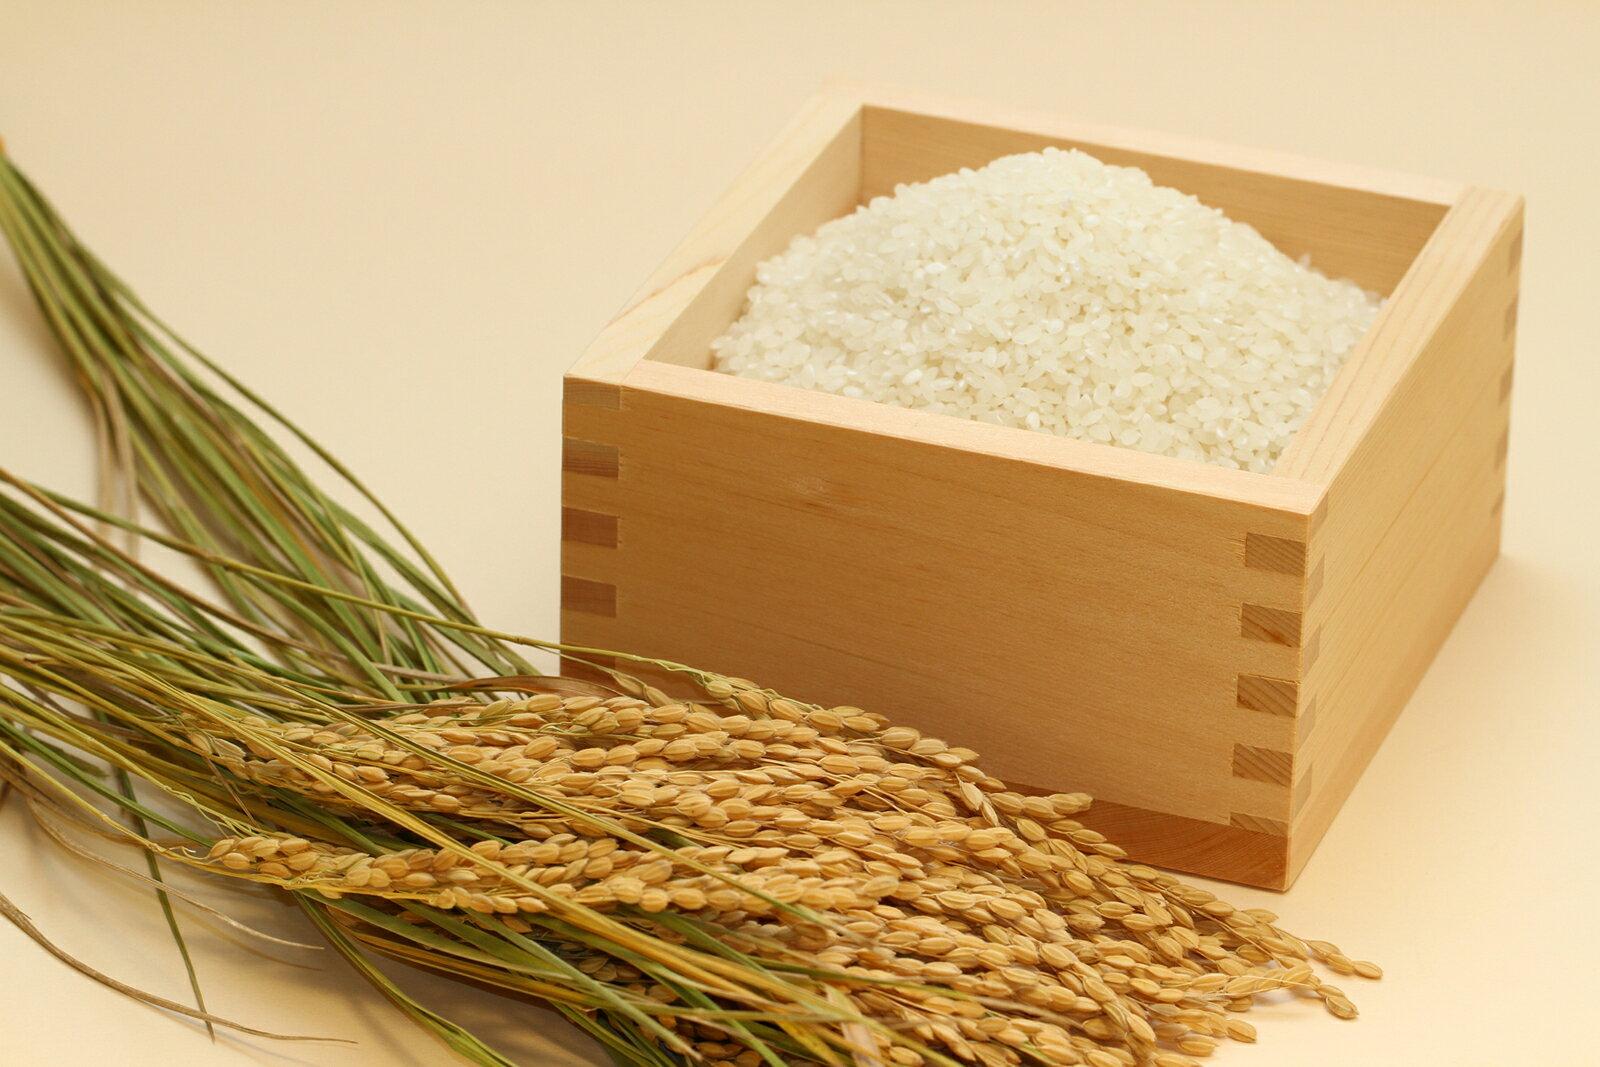 米 お米 新米 ミルキークイーン 玄米20kgまたは白米20kg 環境こだわり米 平成30年度 滋賀県産 みるきーくいーん